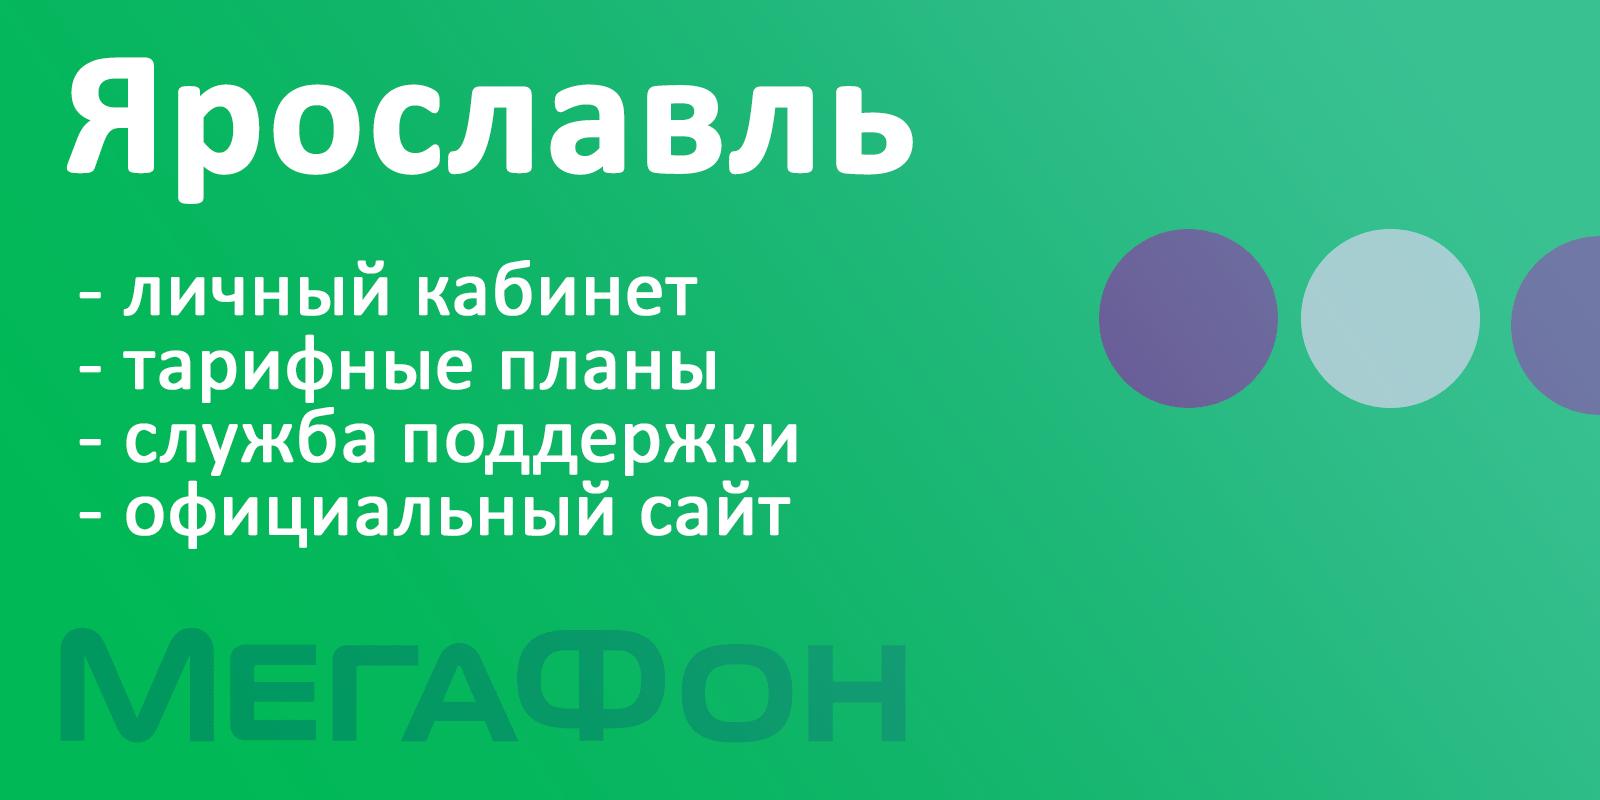 Мегафон Ярославль - вход в личный кабинет, тарифы, служба поддержки